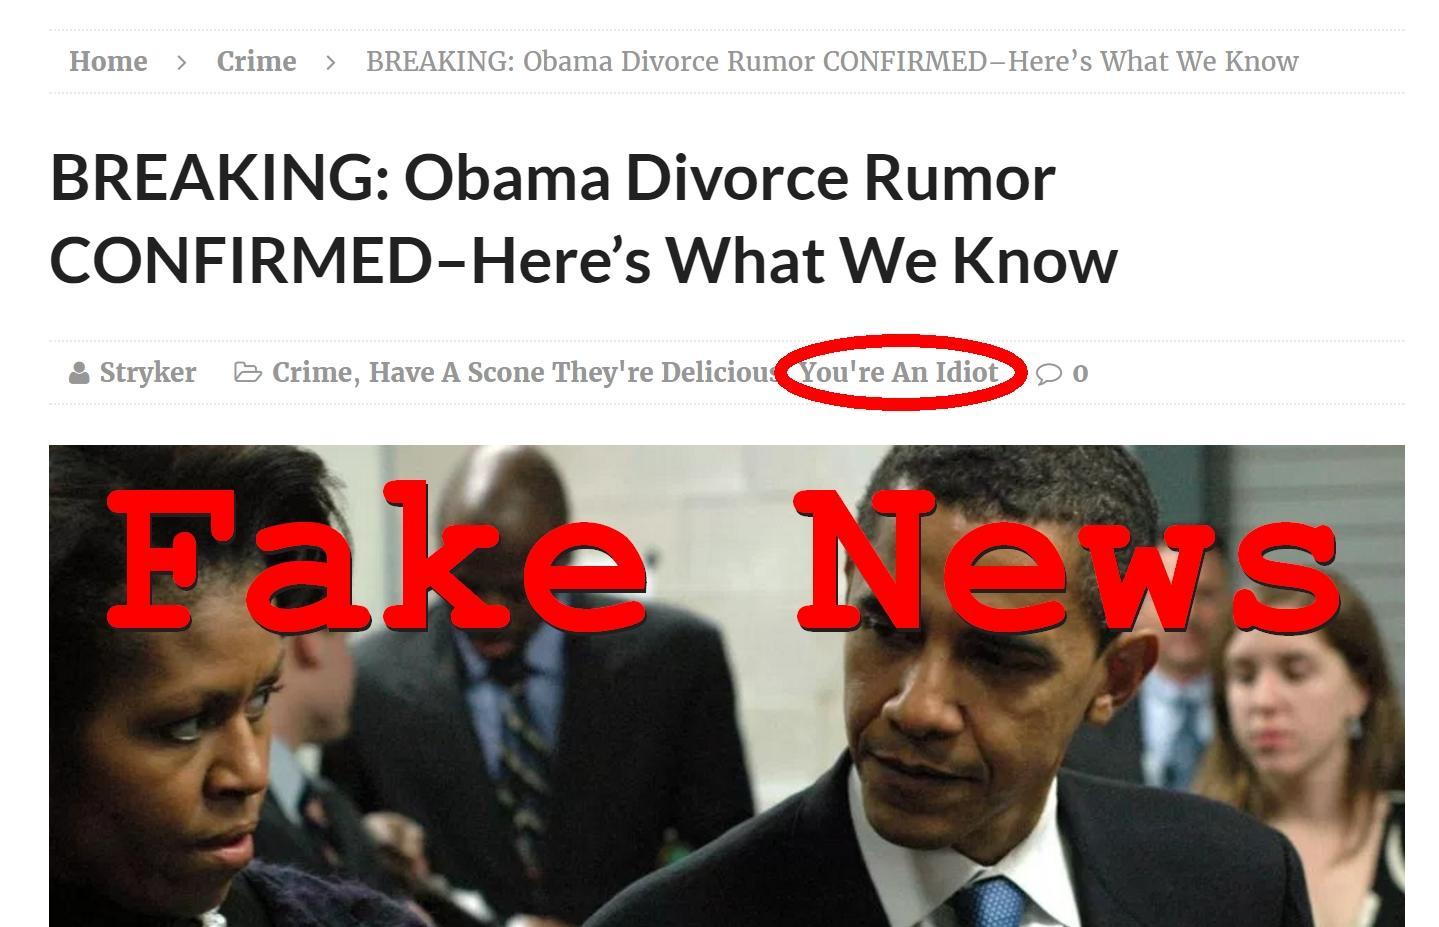 Fake News: Obama Divorce Rumor NOT Confirmed